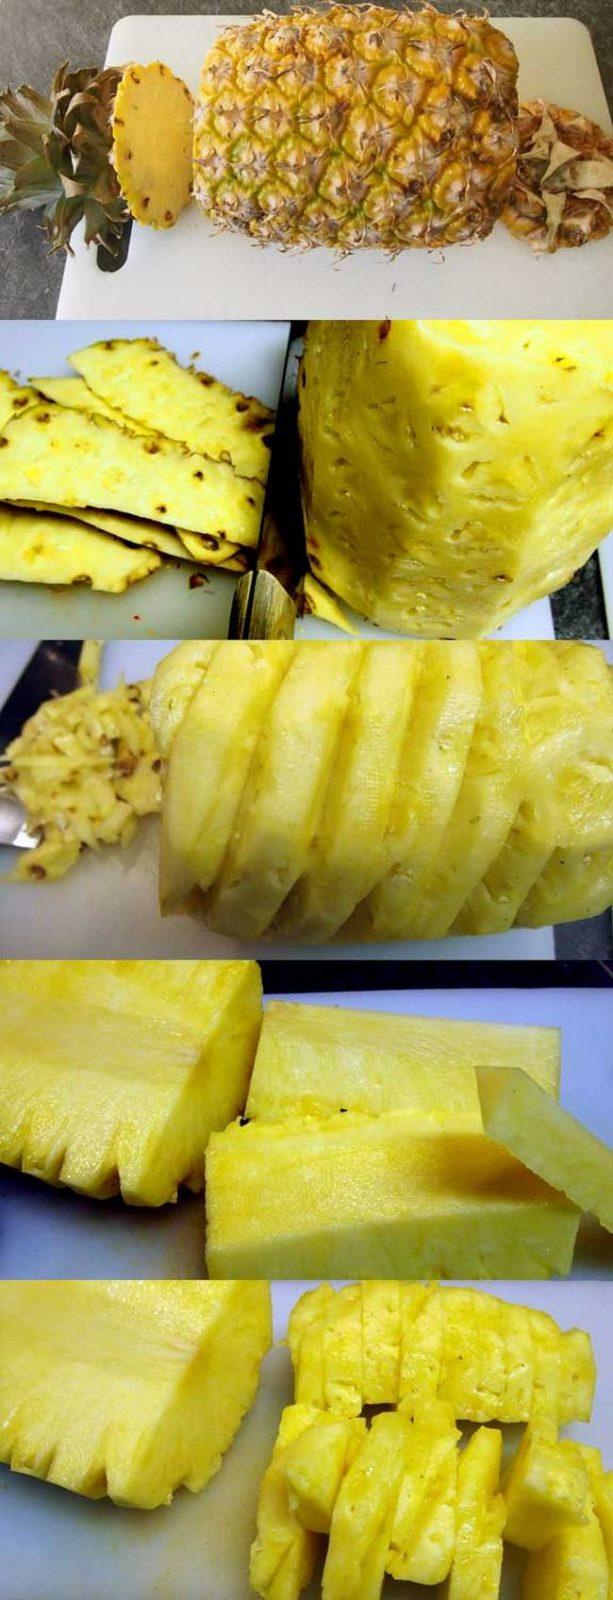 kak-pravilno-chistit-ananas (6)